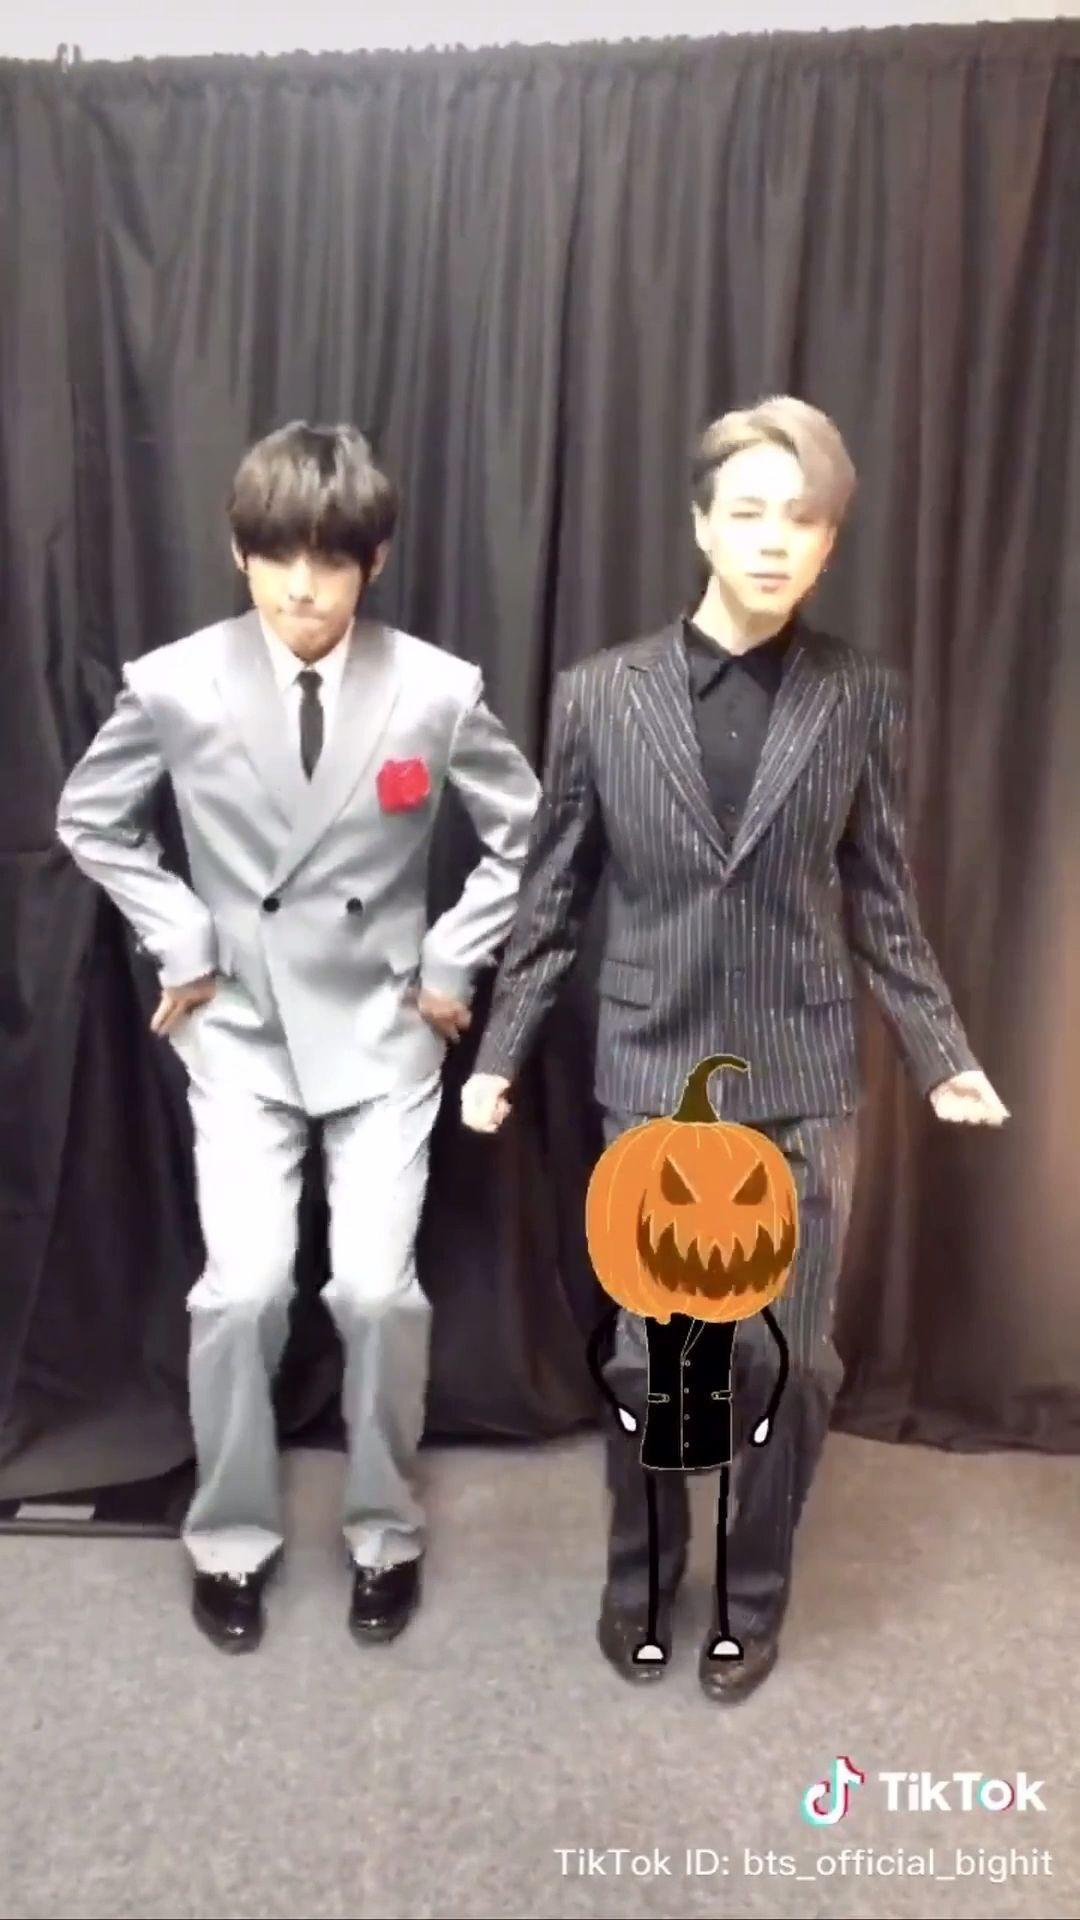 Holiday meme VMIN Tik Tok 191031 Halloween 🎃 BTS V